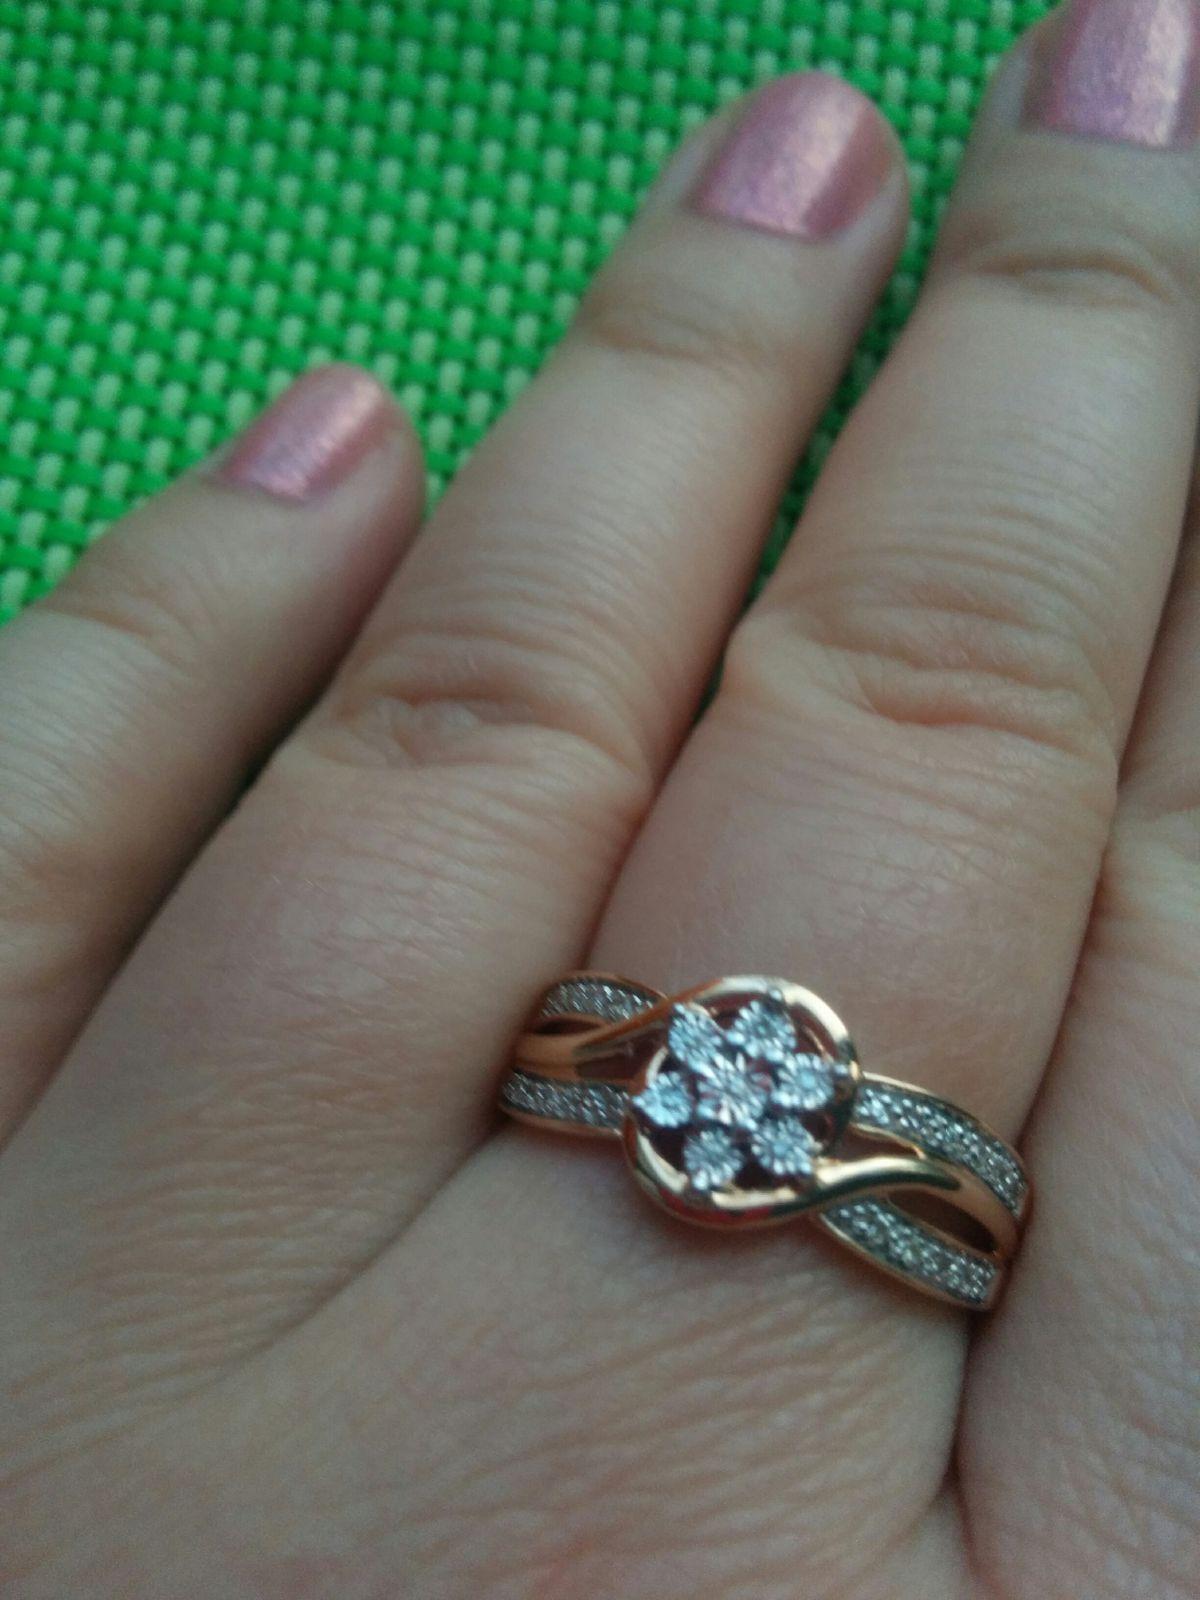 Очень красивое кольцо! Купила себе на 29 лет- 29 бриллиантов.